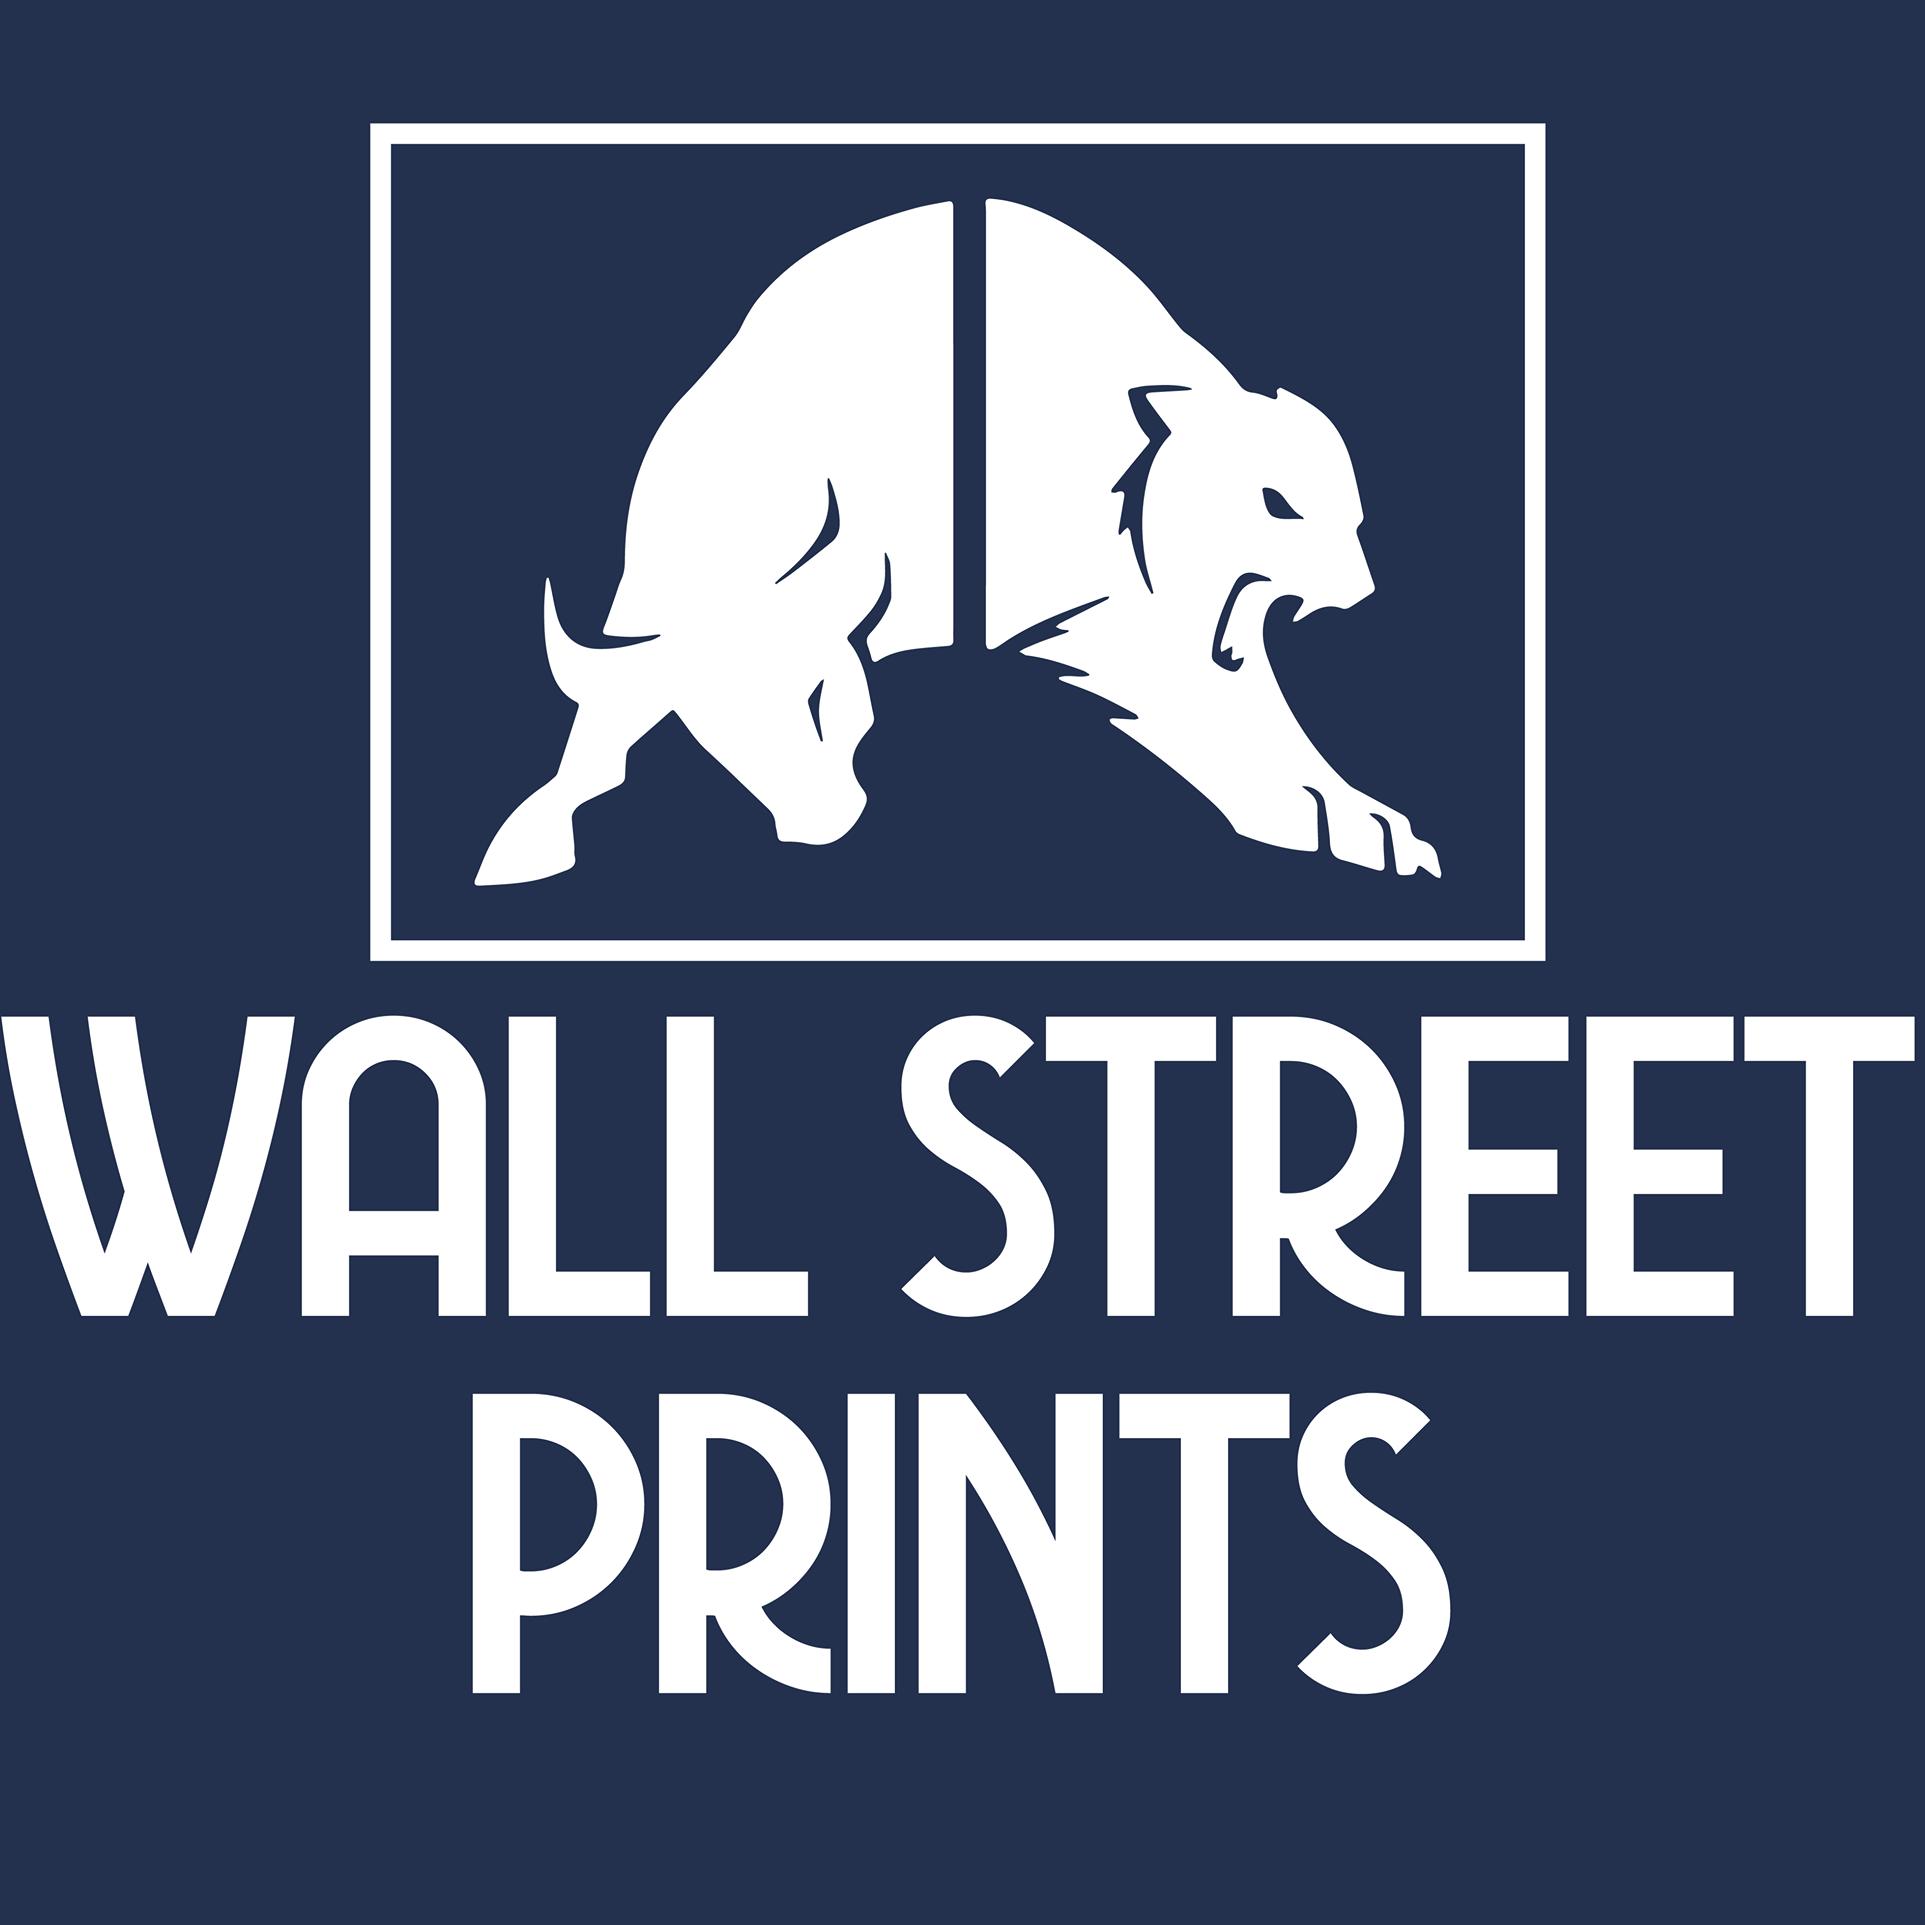 Wall Street Prints